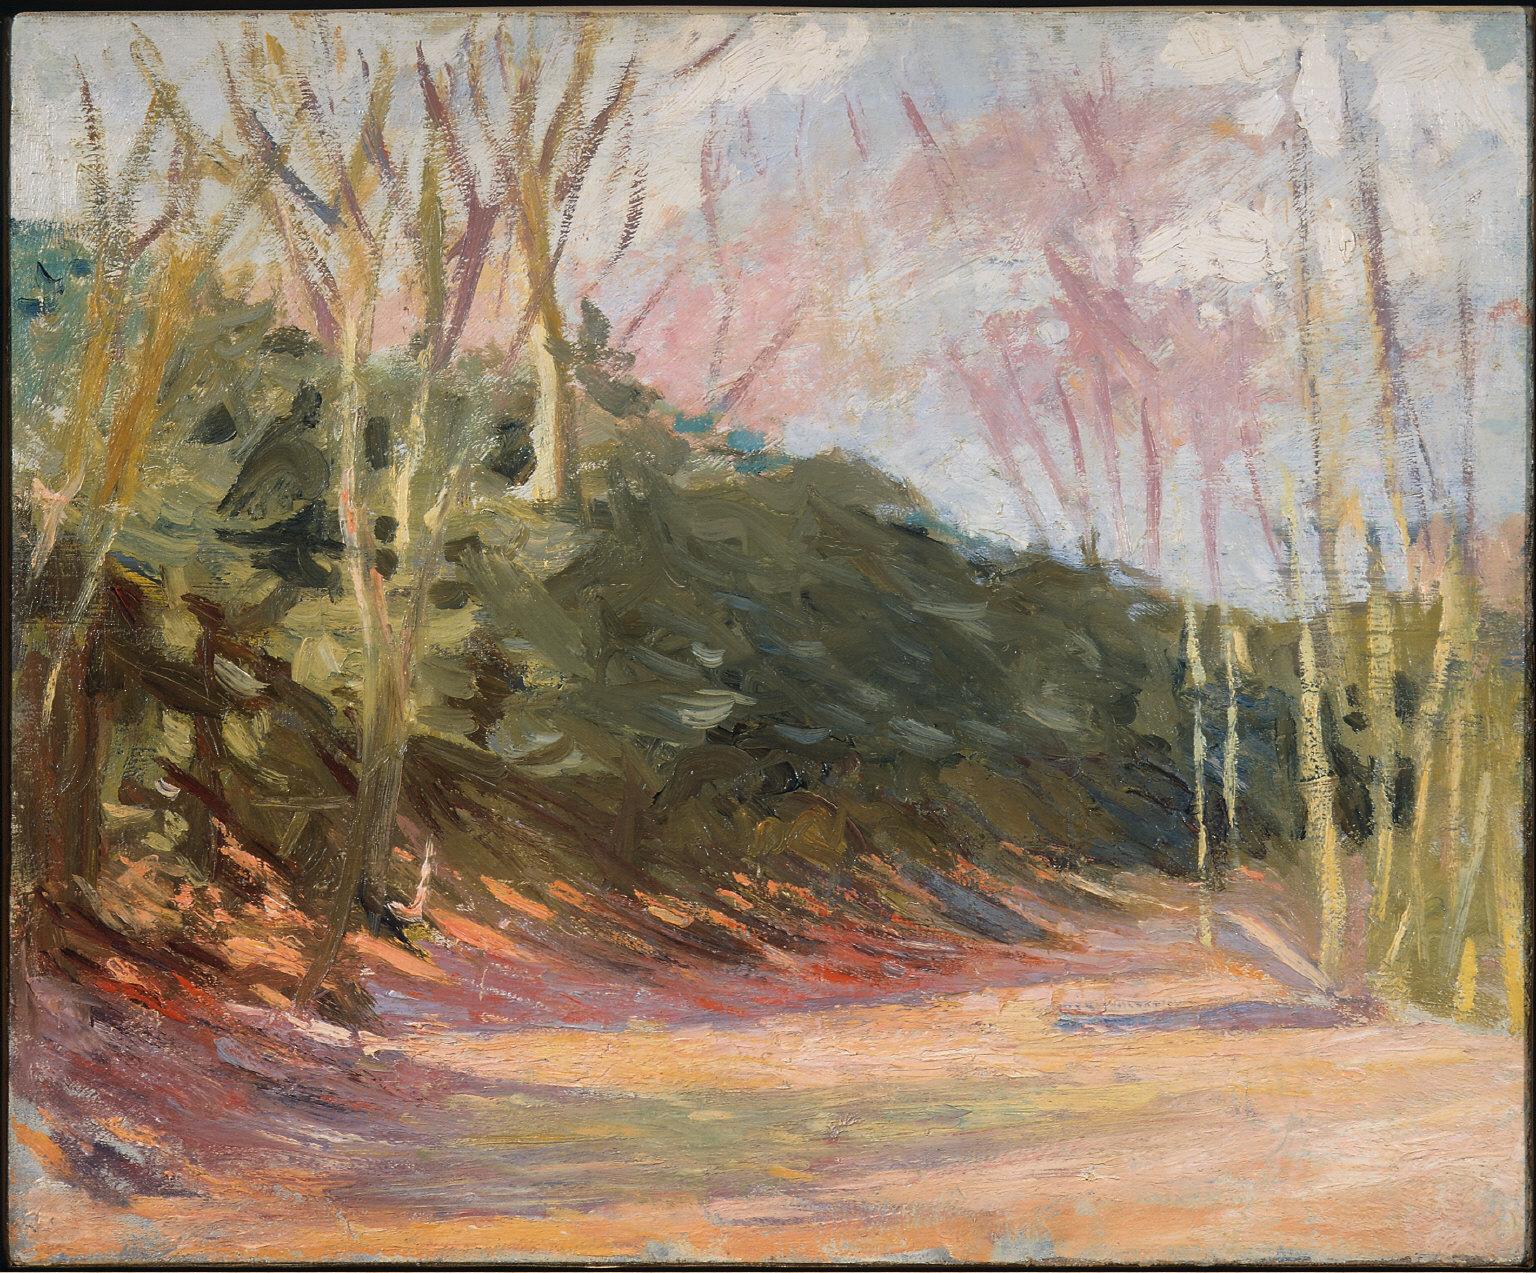 Trees in Sunlight, Parc de Saint-Cloud